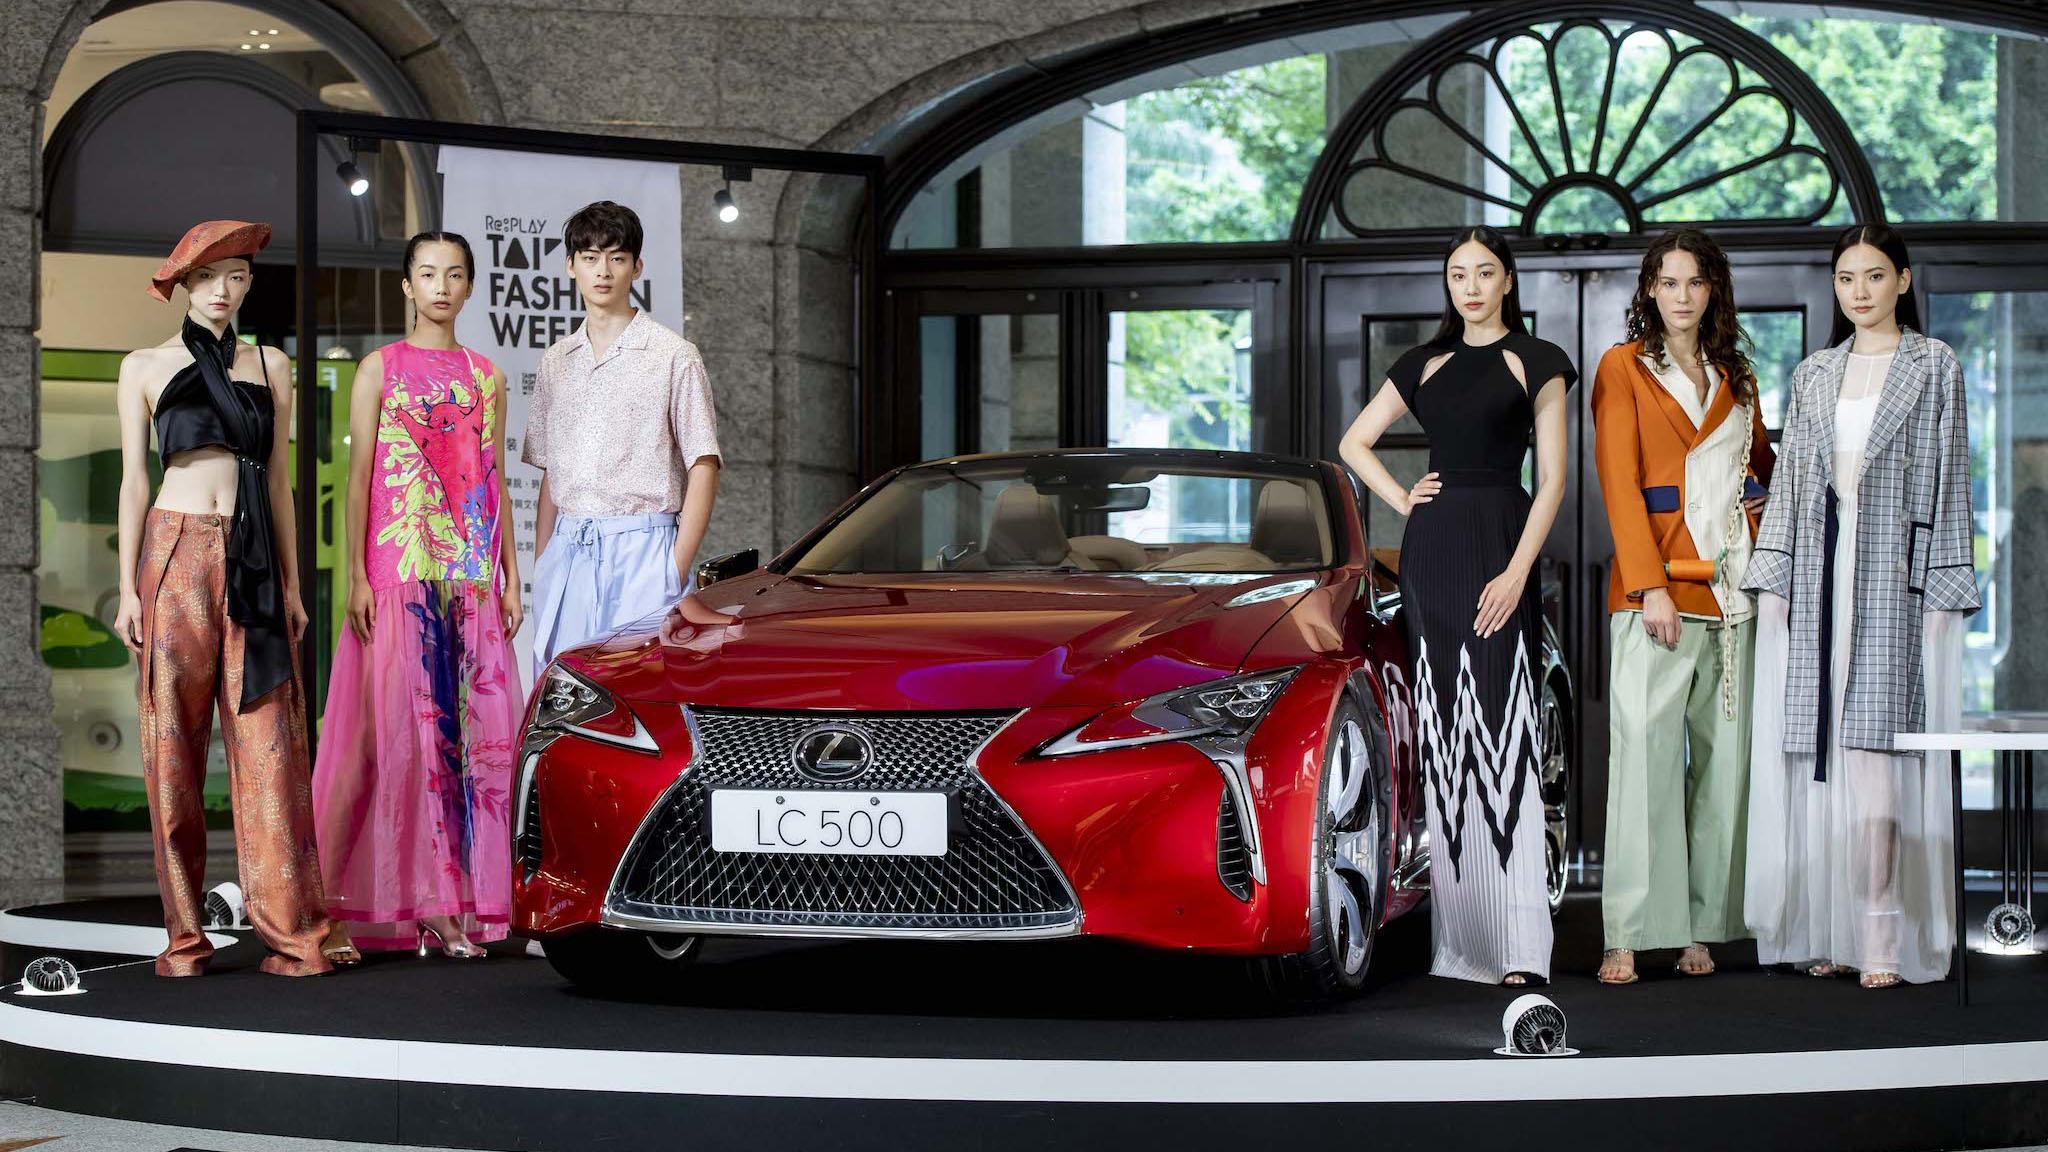 凱渥名模出席出席 2020 臺北時裝週 X VOGUE FNO 記者會,展演臺灣新銳設計服裝。